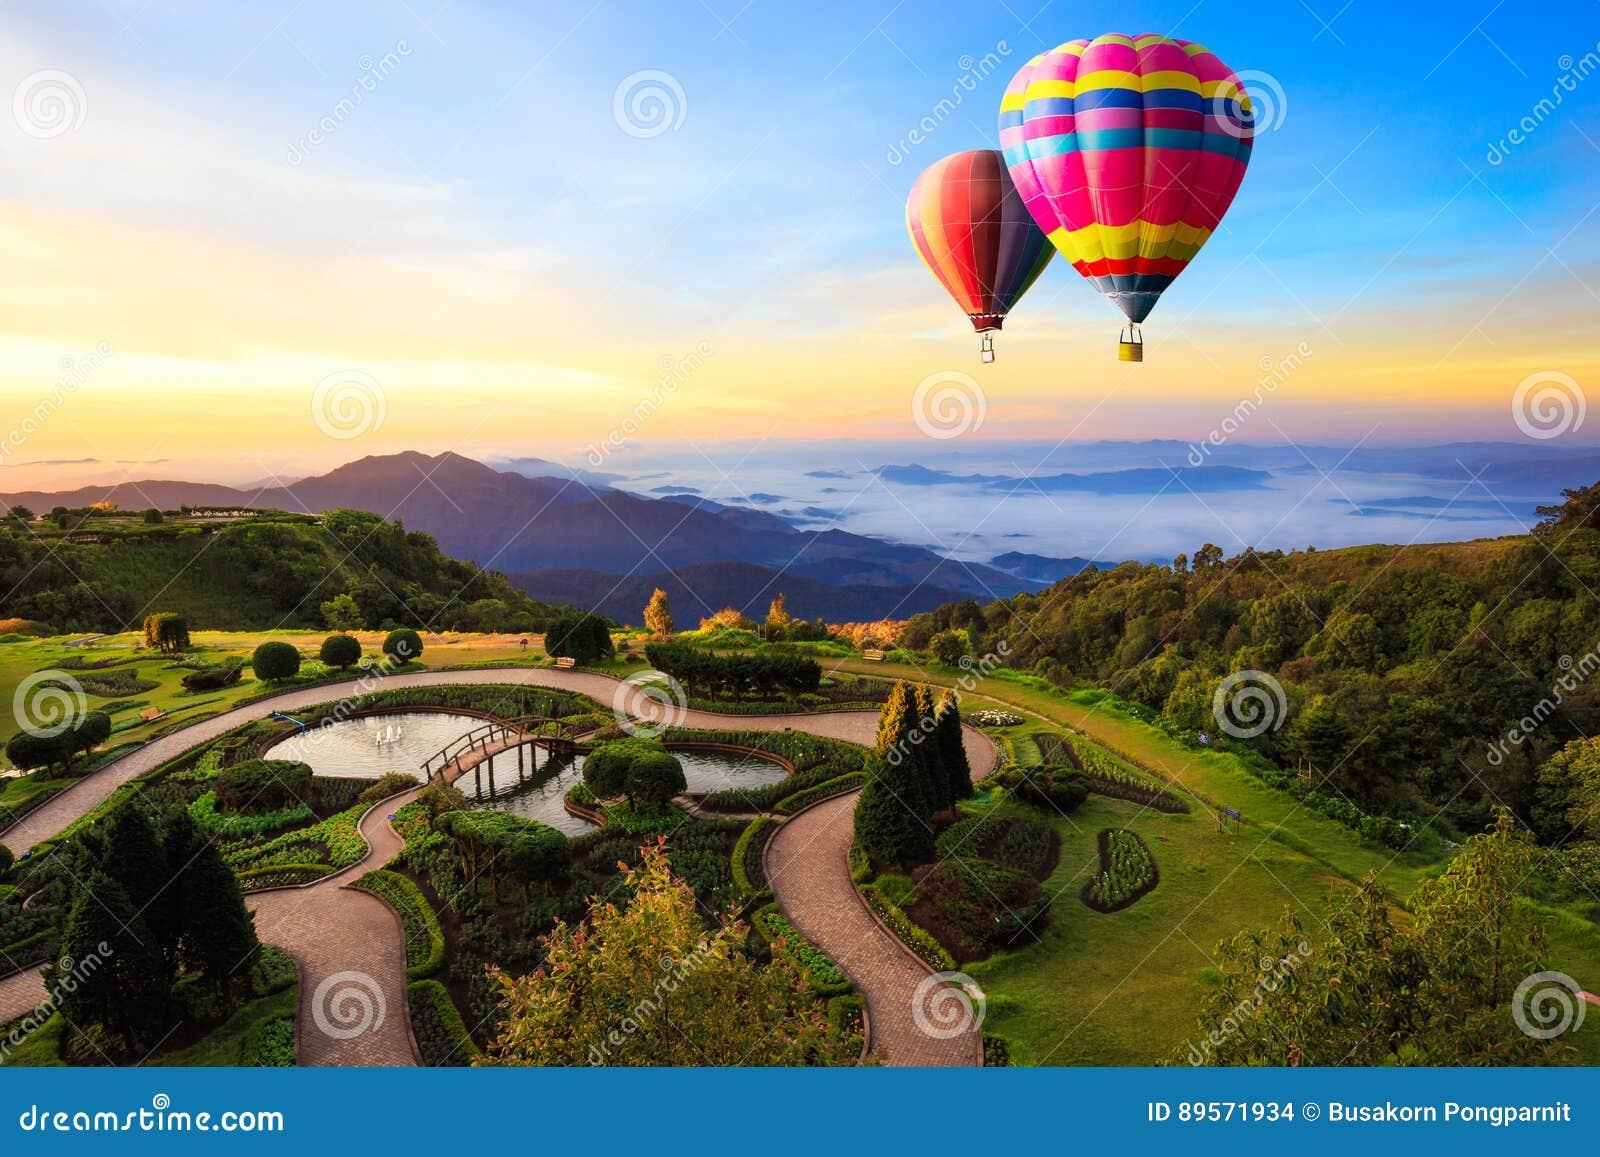 Montgolfières colorées volant au-dessus de la montagne